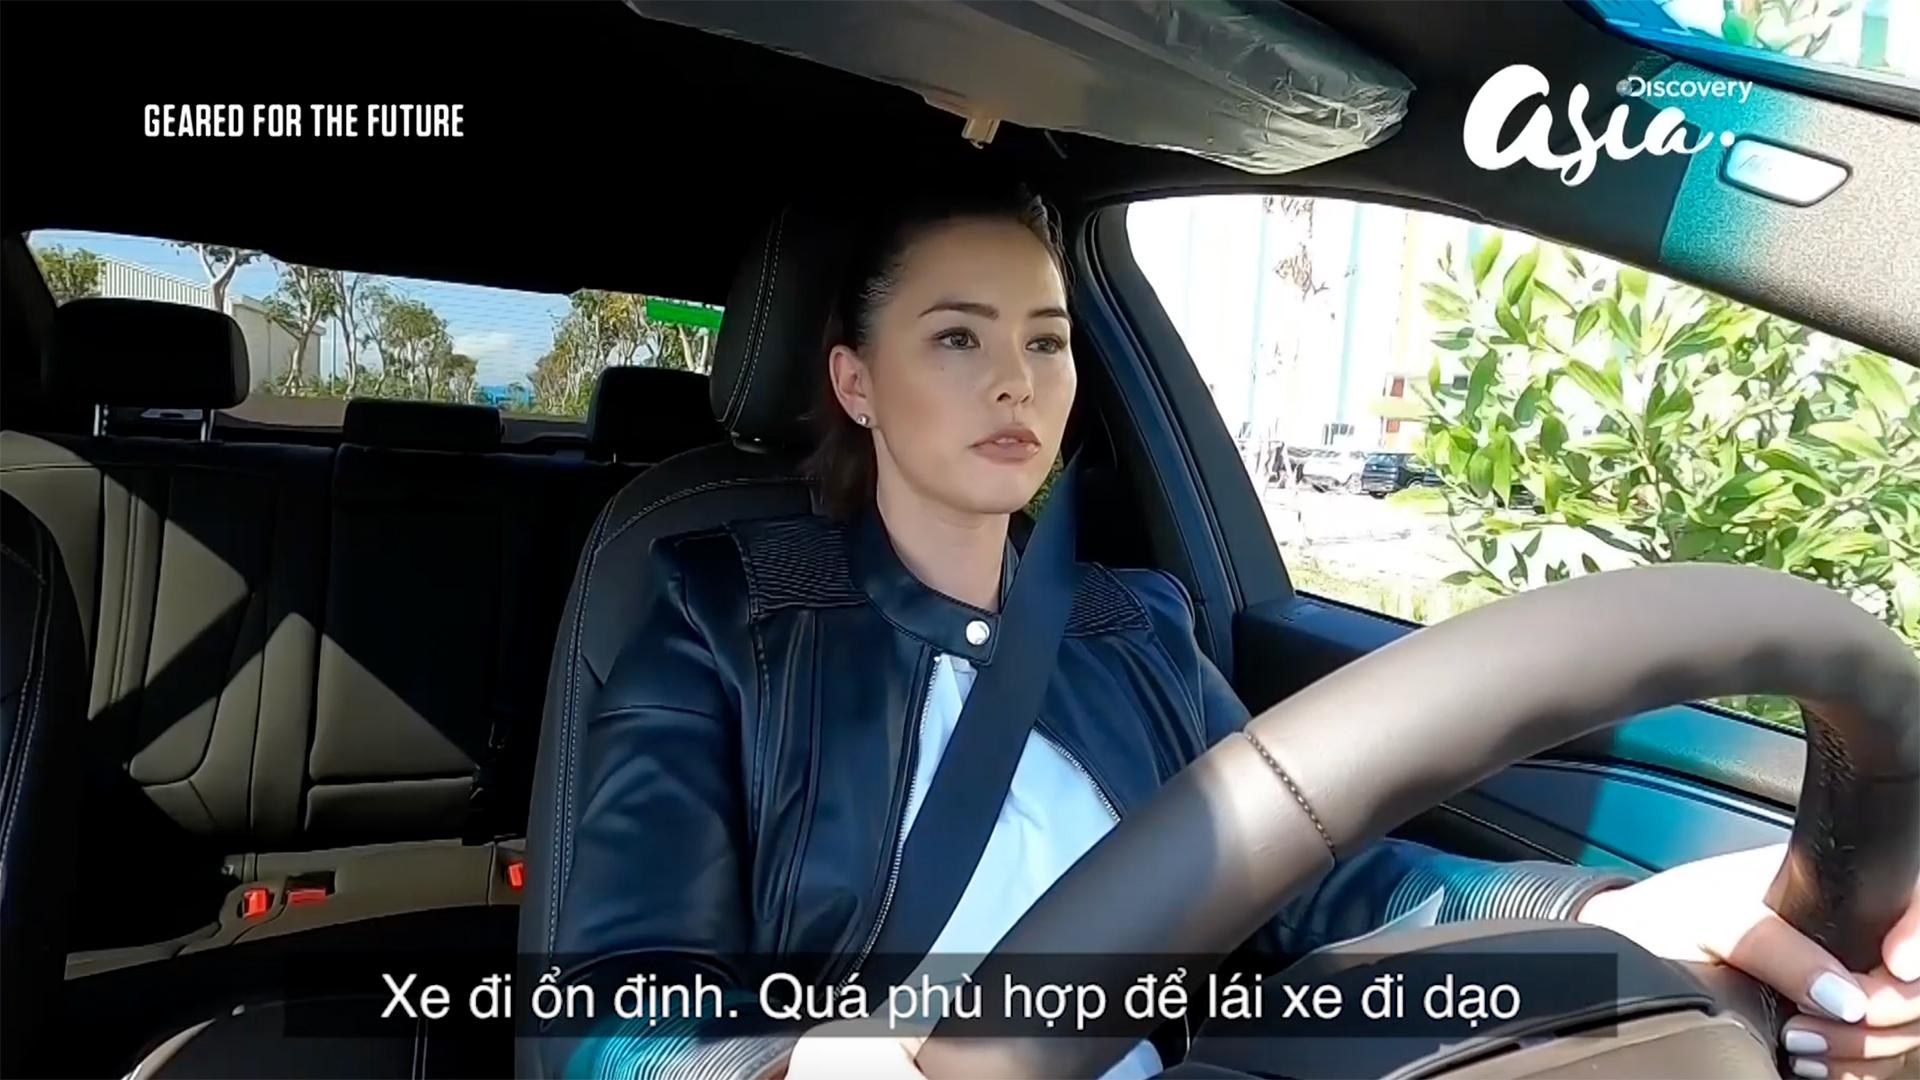 Nữ tay đua xinh đẹp của Discovery nói gì khi lái thử xe VinFast ở Việt Nam?